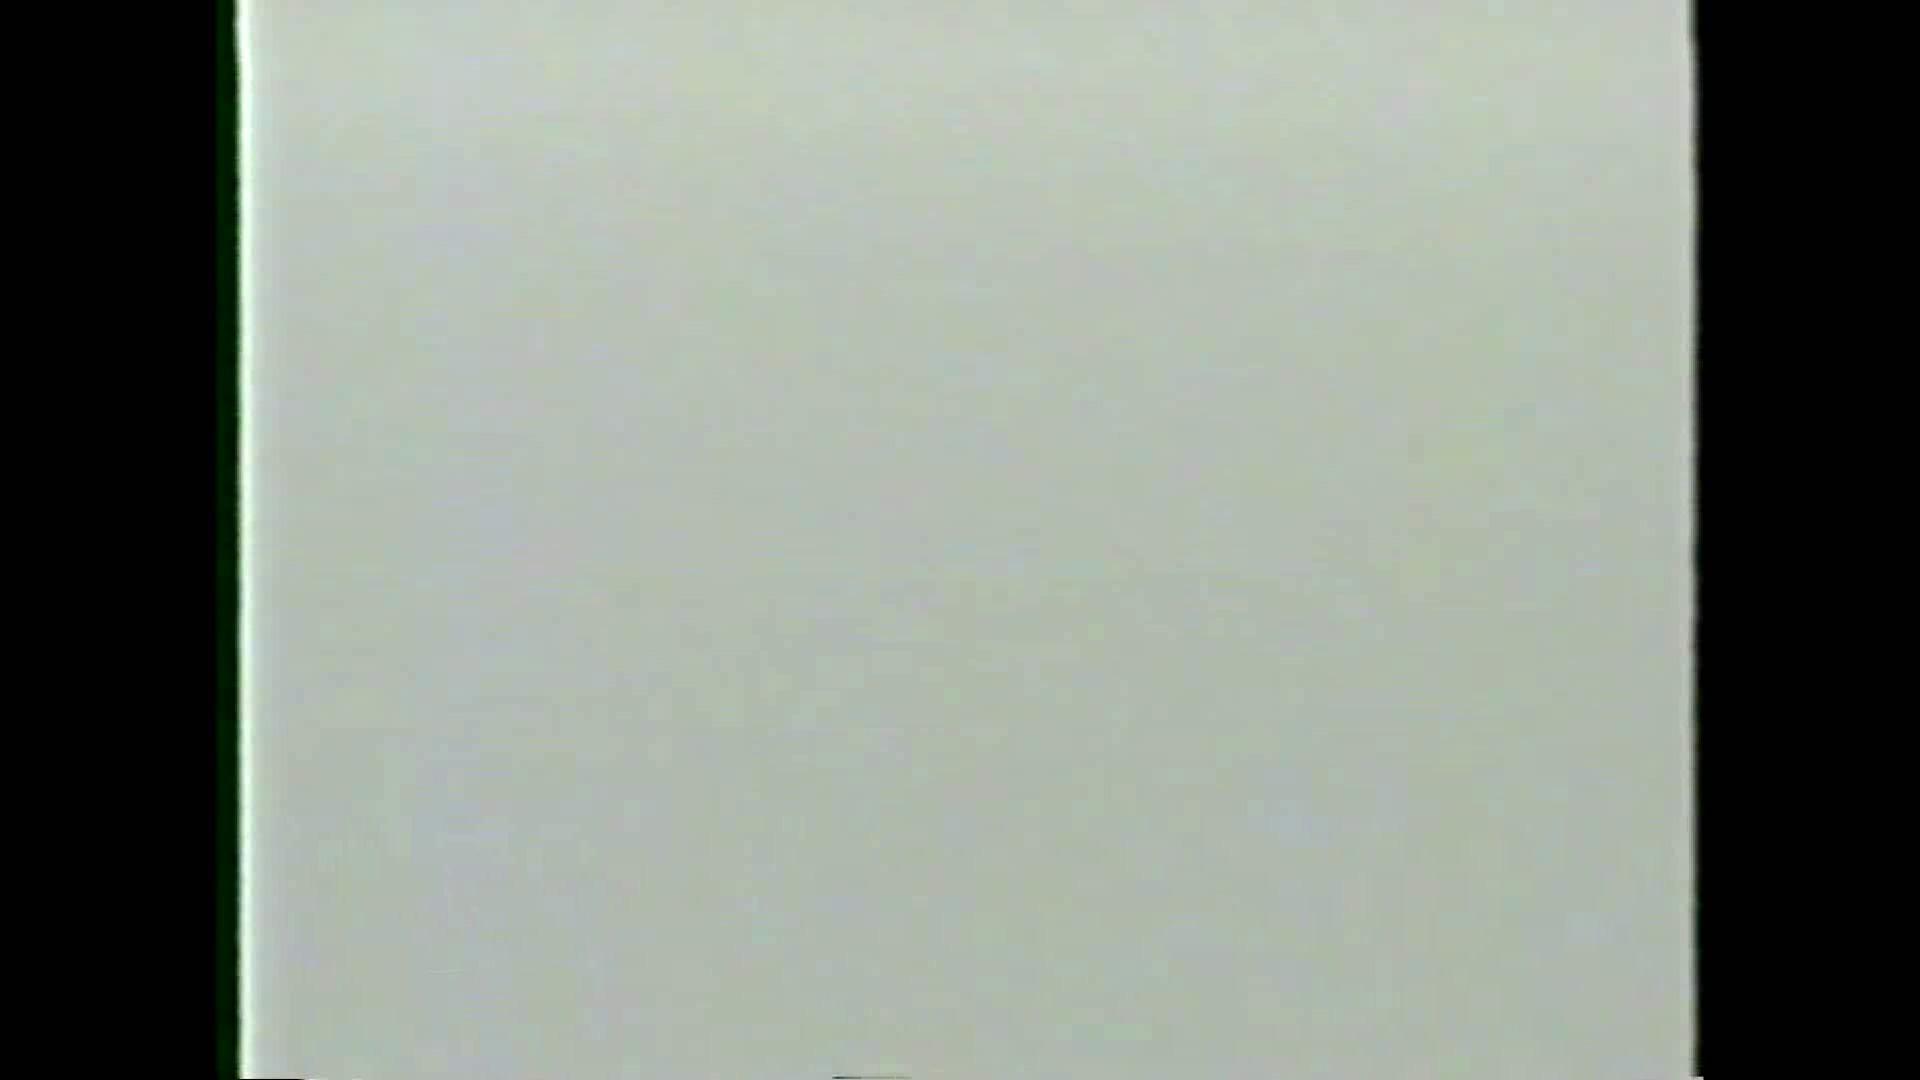 MADOKAさんのズリネタコレクションVol.3-4 ゲイマニア | 0  108pic 73